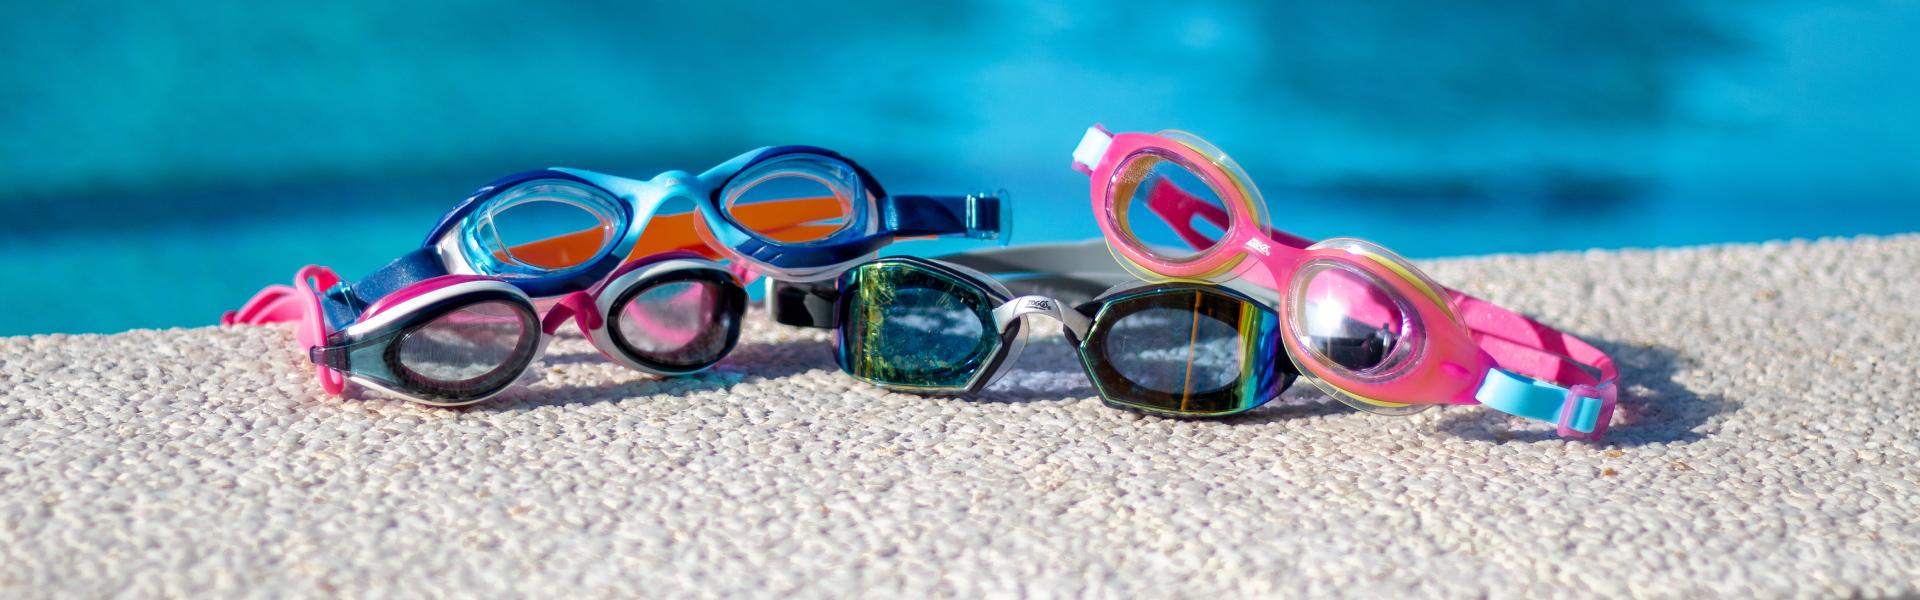 Introducing the Podium Titanium goggles